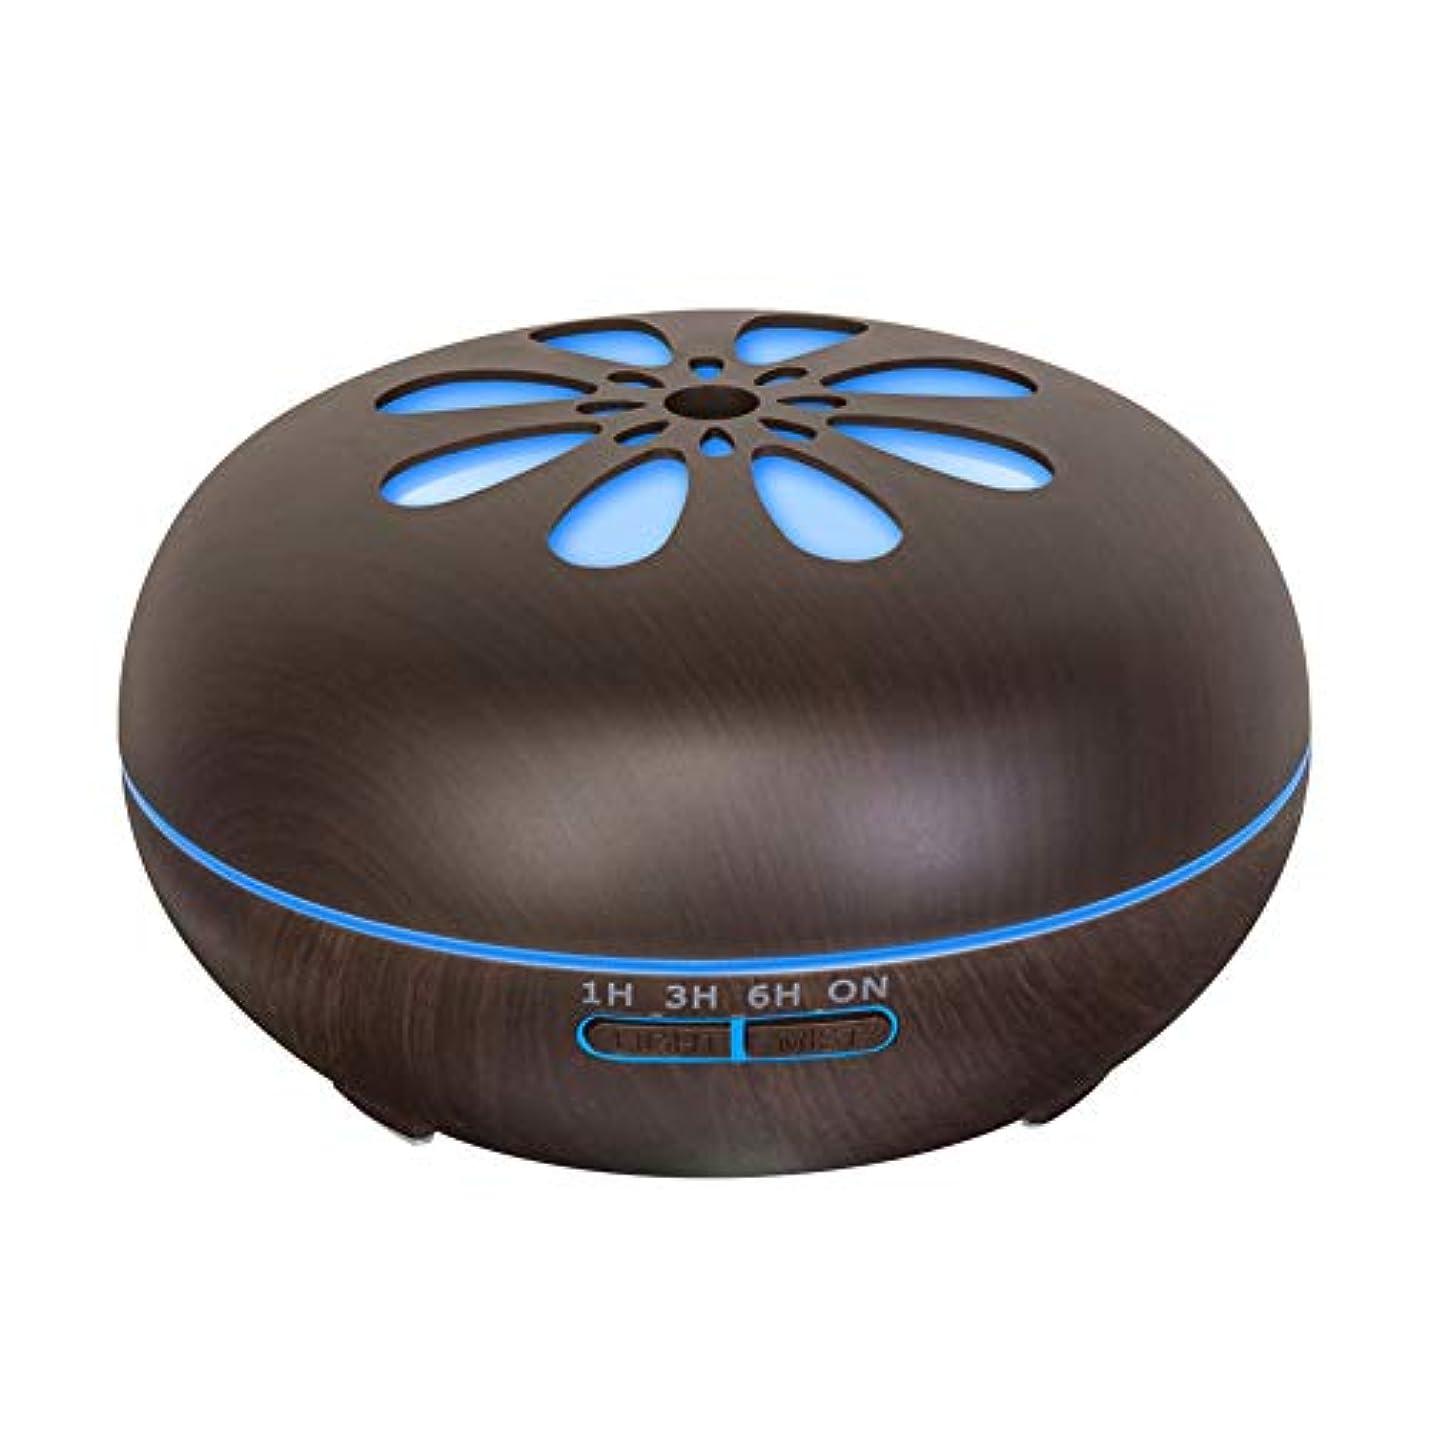 おかしい不透明なチューリップ550 Ml 木目 涼しい霧 加湿器,リモコン 7 色 超音波式 加湿機 時間 香り 精油 ディフューザー ホーム オフィス リビング ルーム Yoga-h